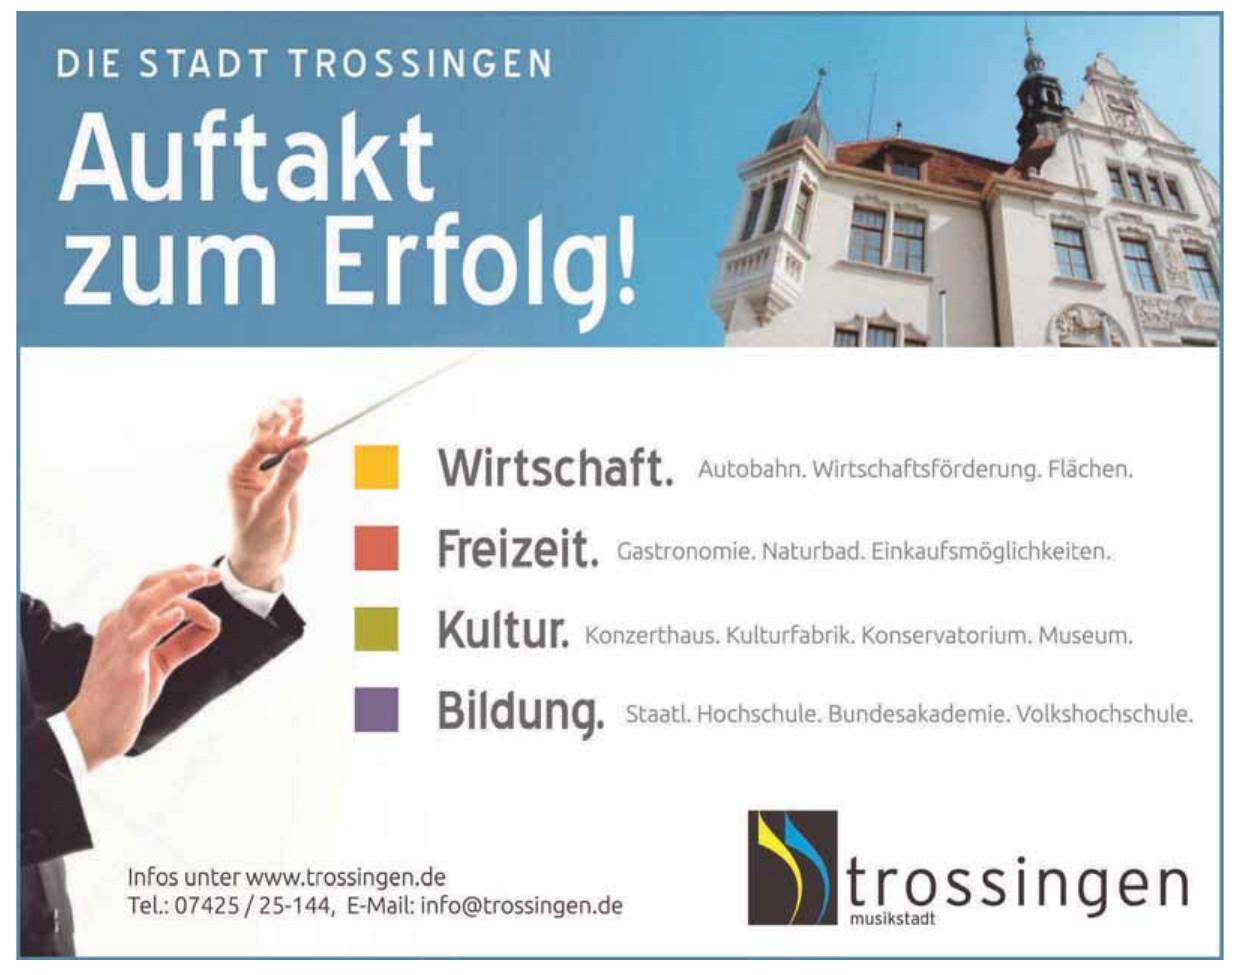 Trossingen Muzikstadt